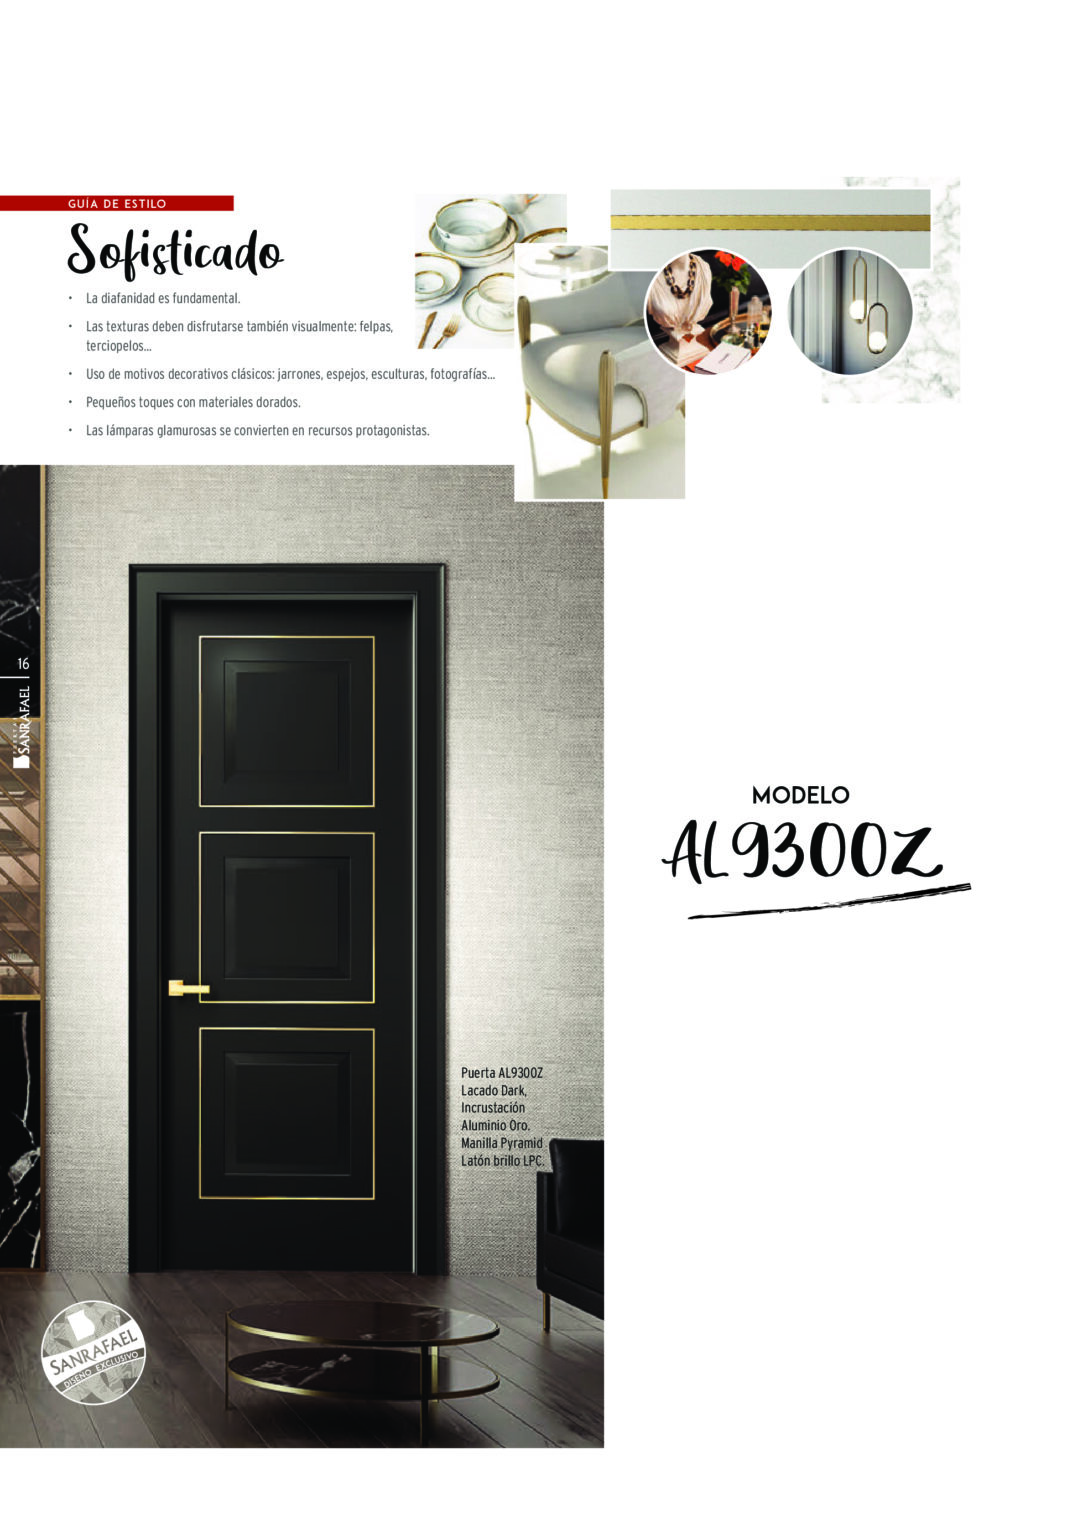 Puerta-AL9300Z-Lacado-Dark_Incrustación-Aluminio-Oro-Manilla-Pyramid-Laton-Brillo-LPC